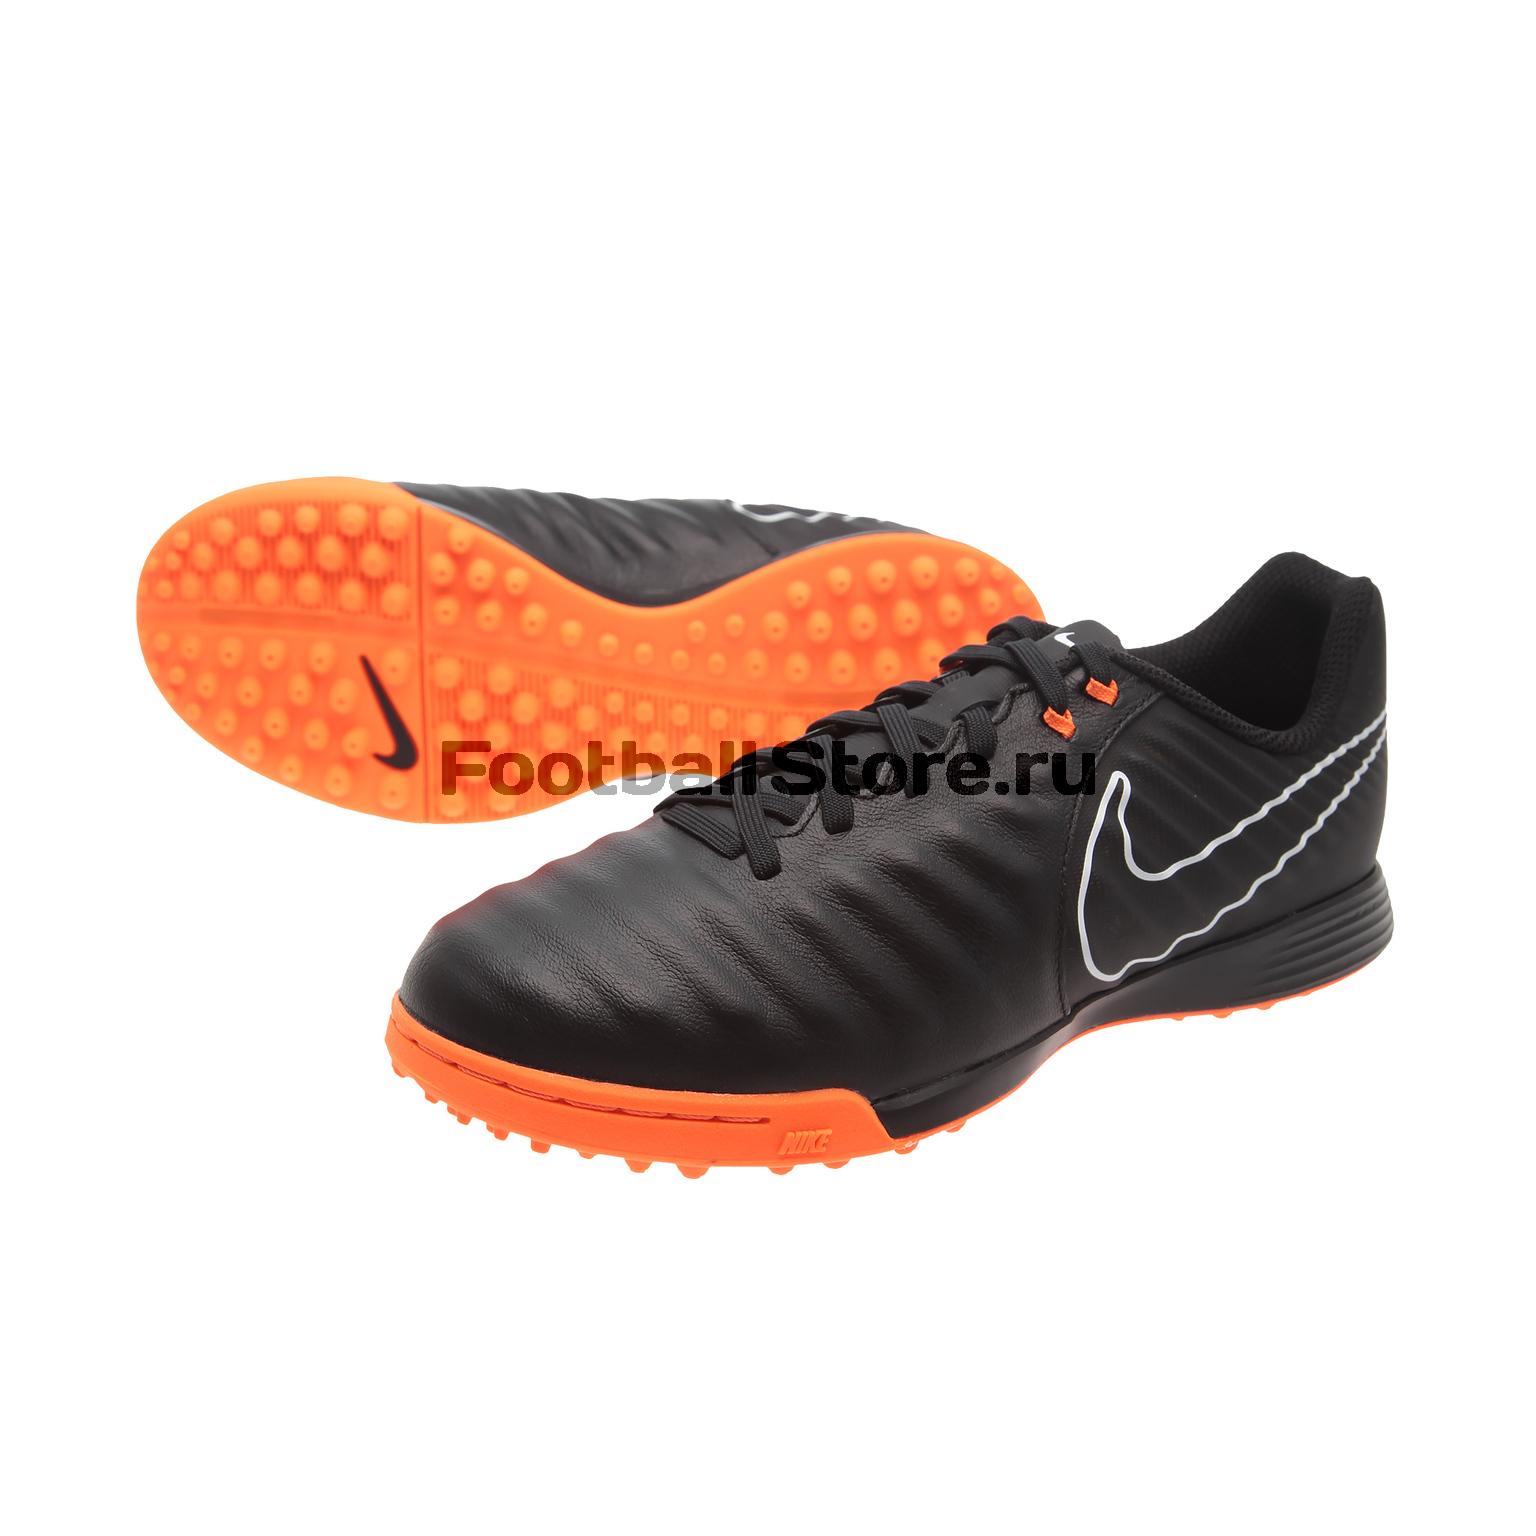 Шиповки Nike JR Legend X Academy TF AH7259-080 бутсы футбольные nike obra ii academy df fg ah7313 080 jr детские т сер оранж